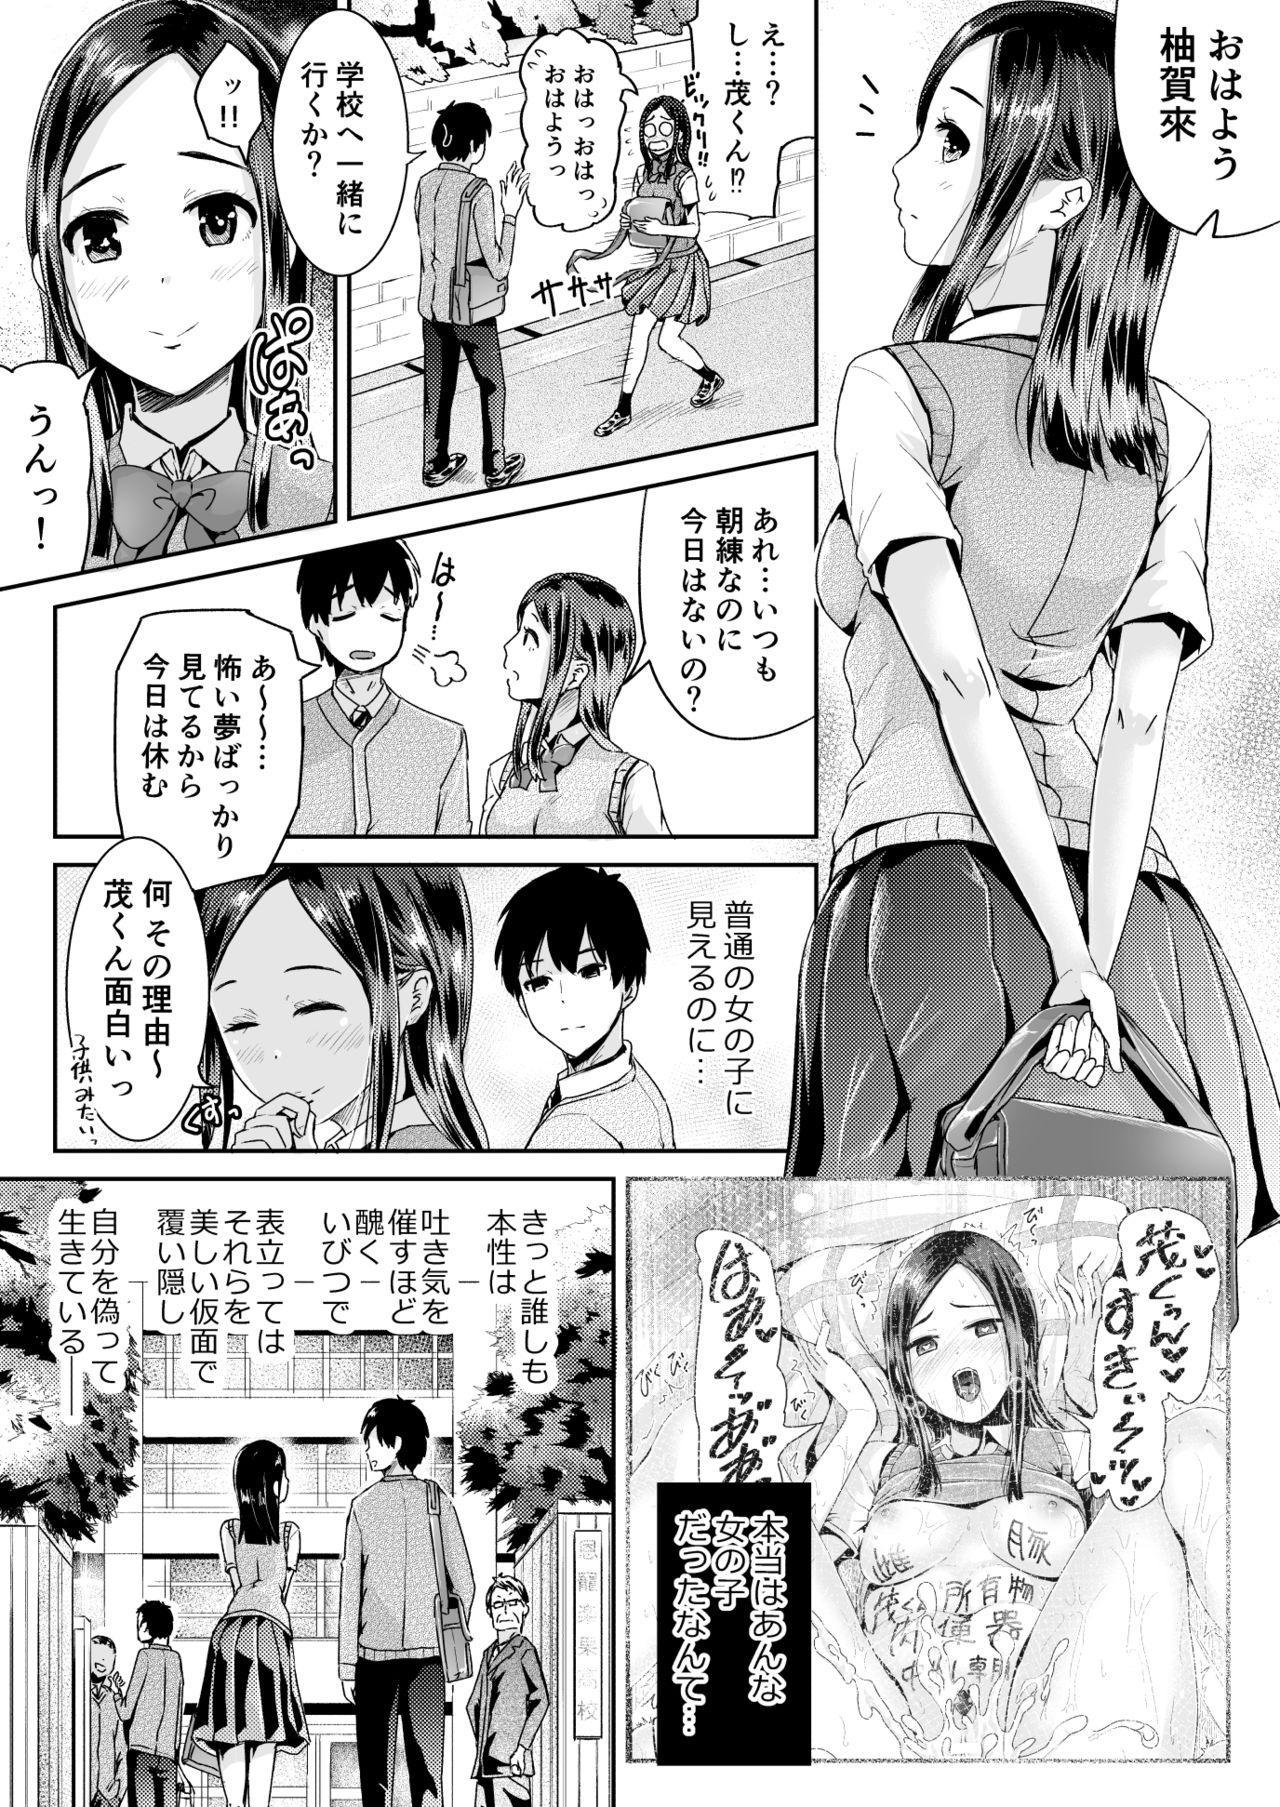 Doutei no Ore o Yuuwaku suru Ecchi na Joshi-tachi!? 8 9